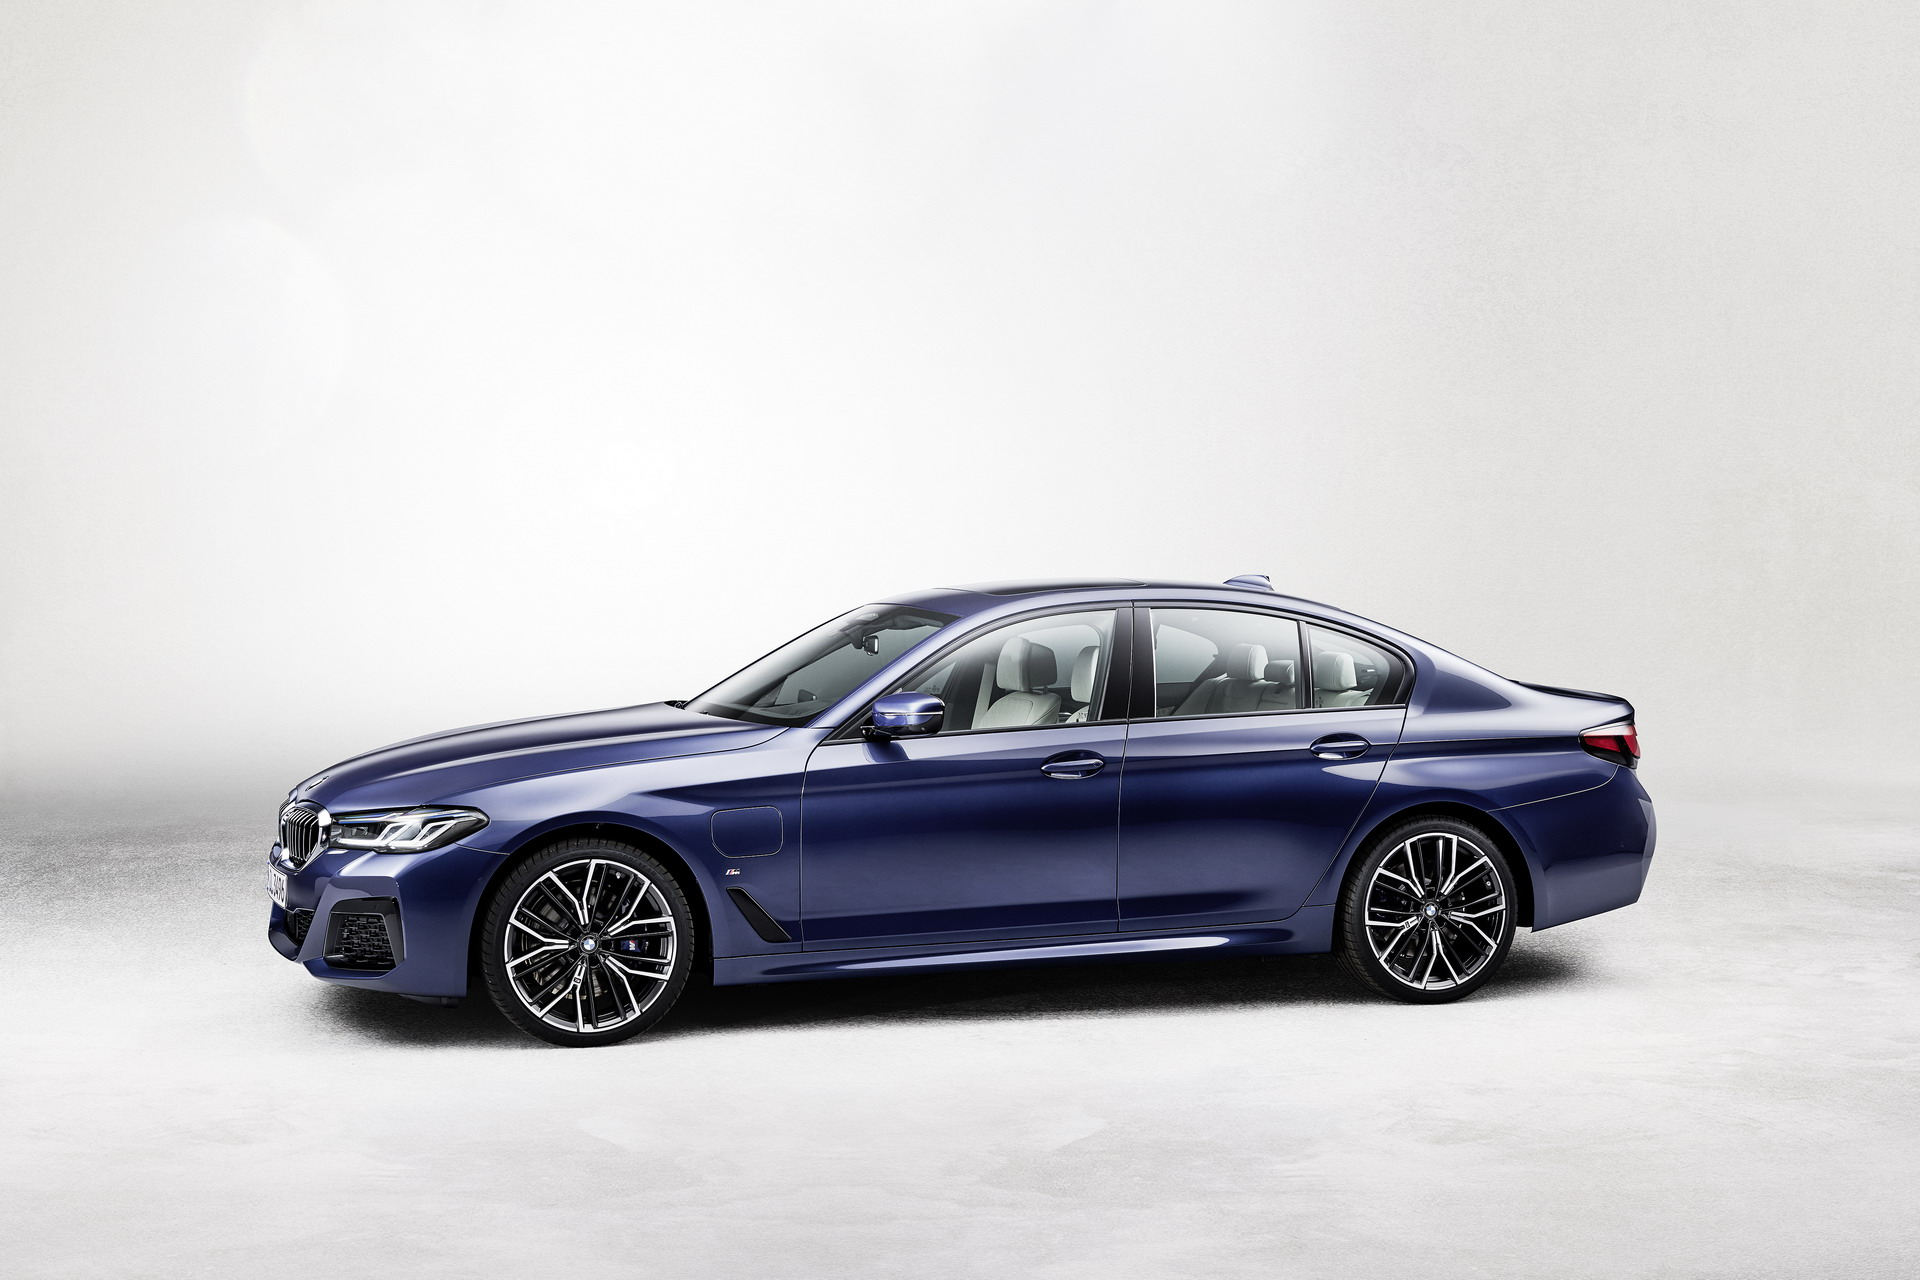 The New BMW 530e M Sport G30 LCI 55